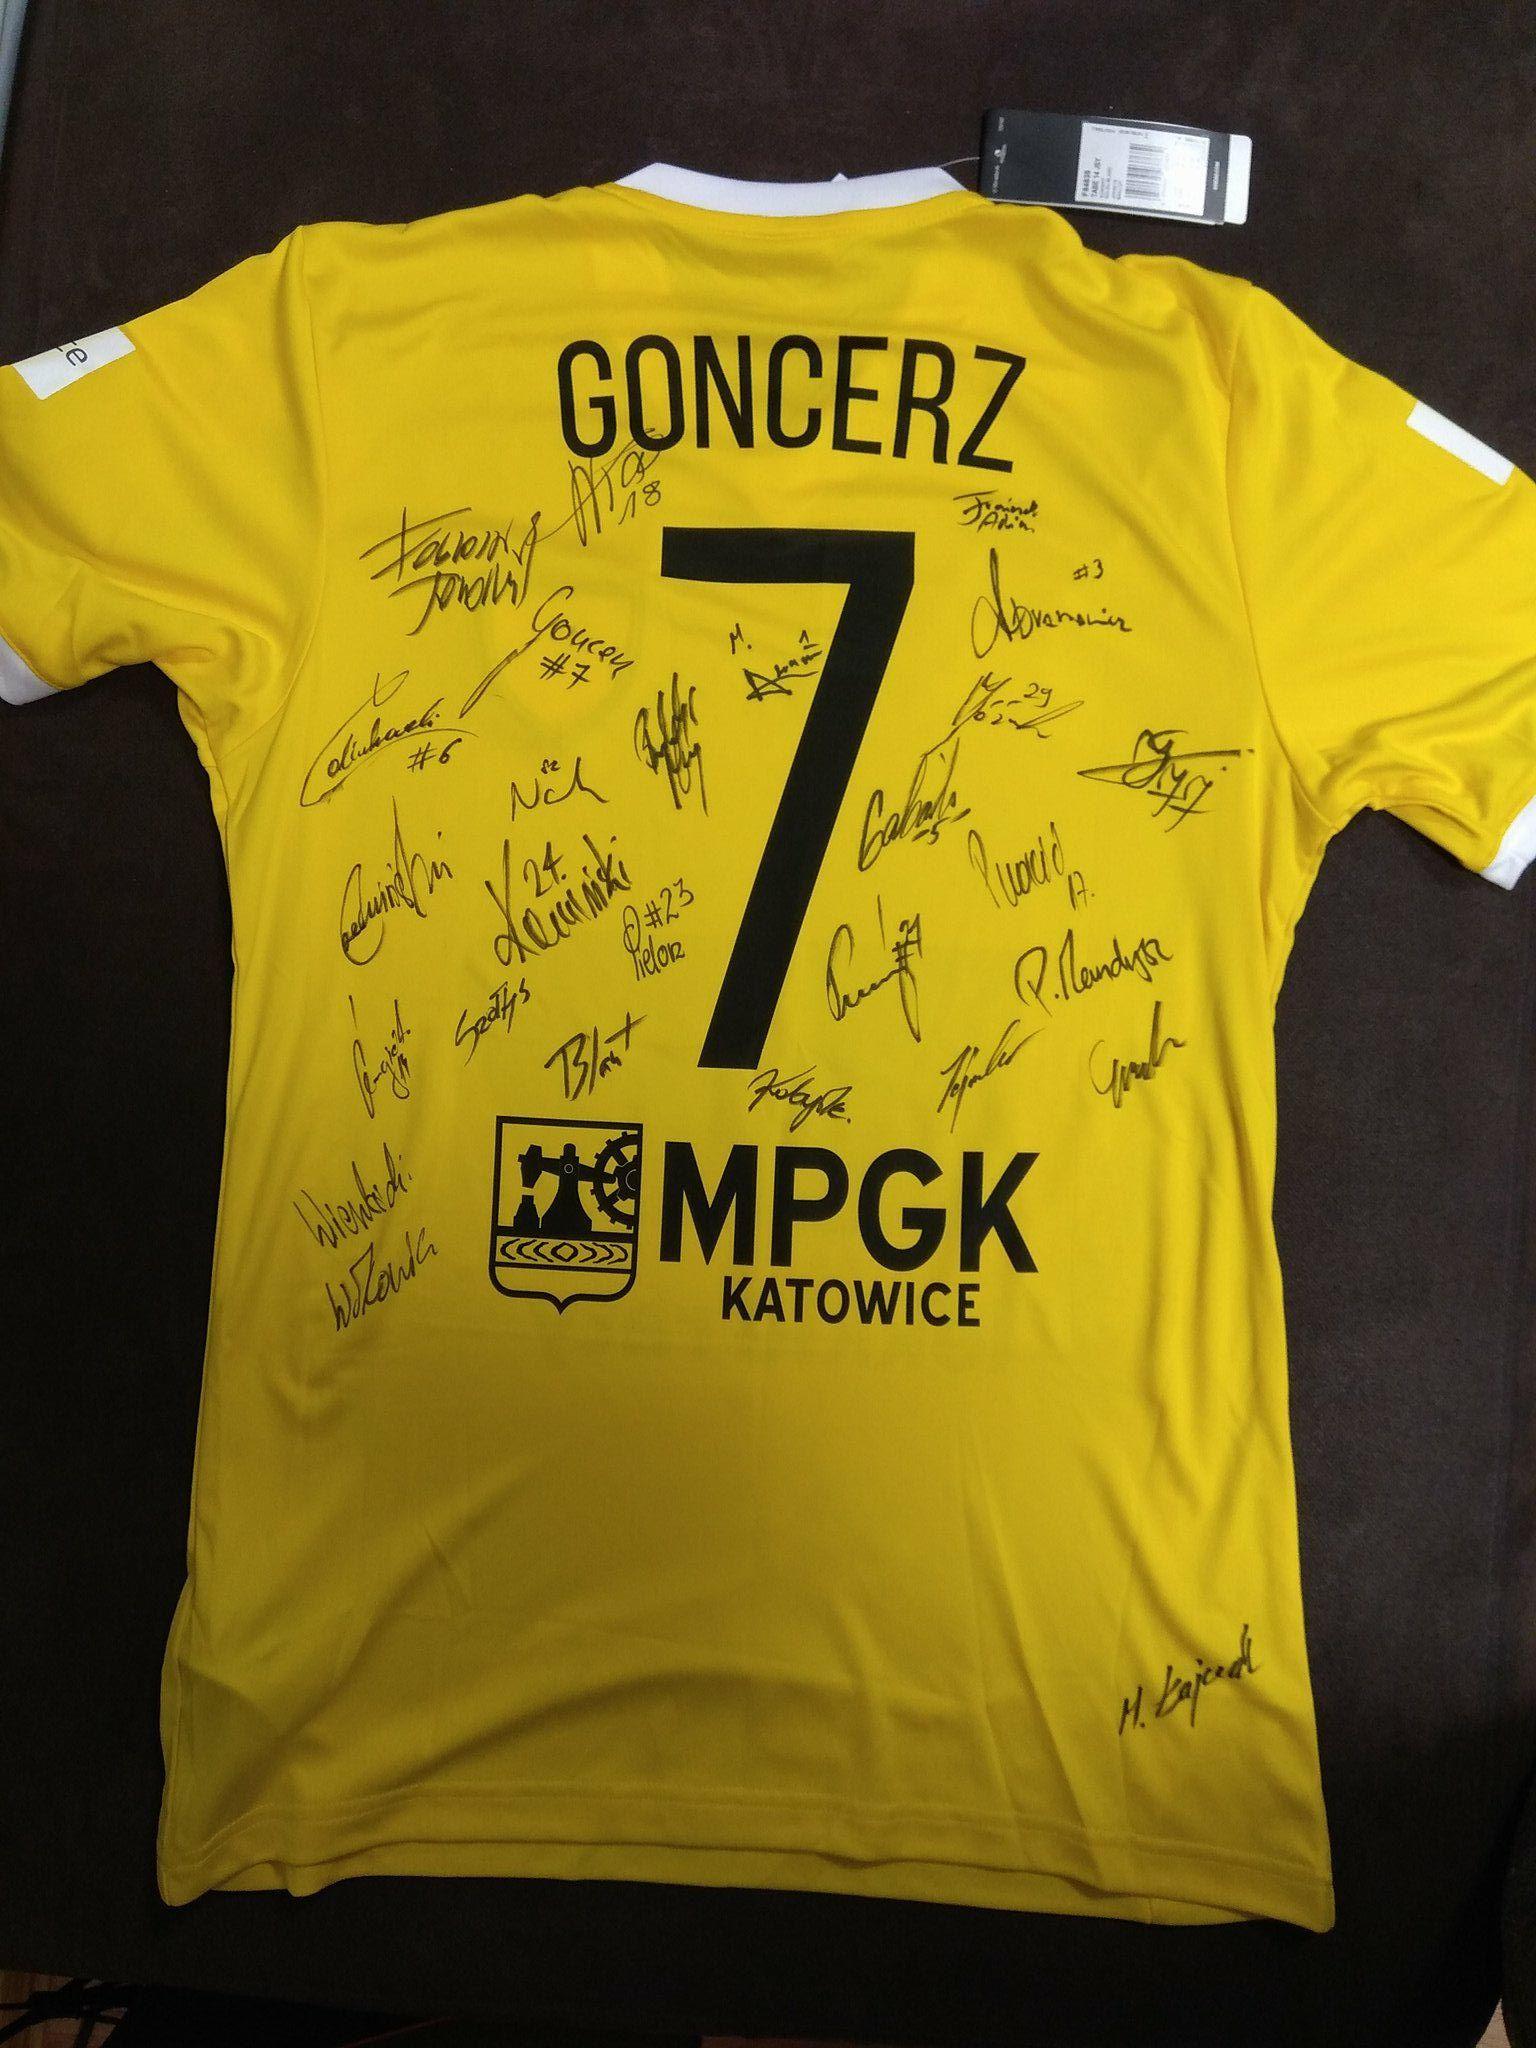 GKS Katowice koszulka Grzegorz Goncerz +autografy!